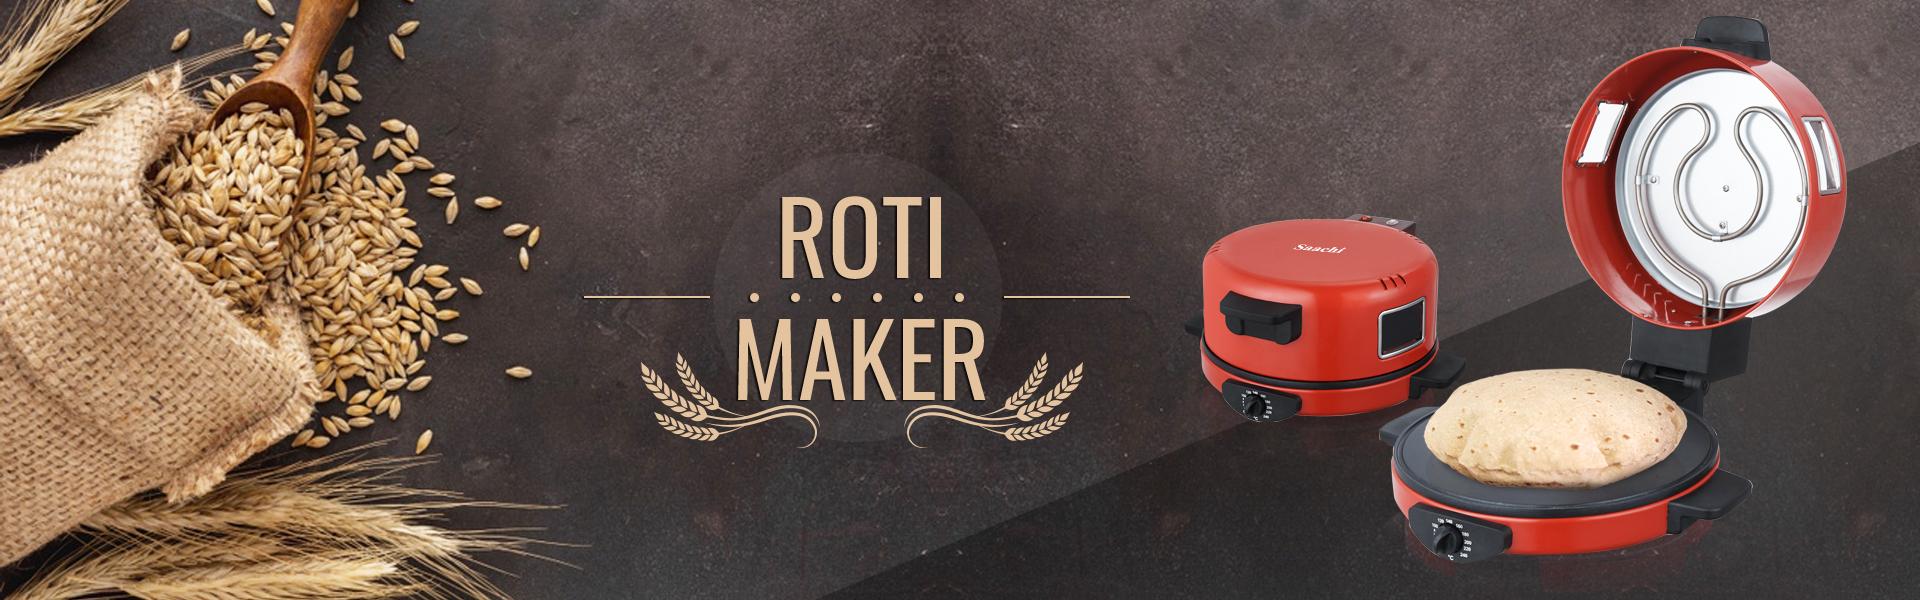 Roti maker_1920x600